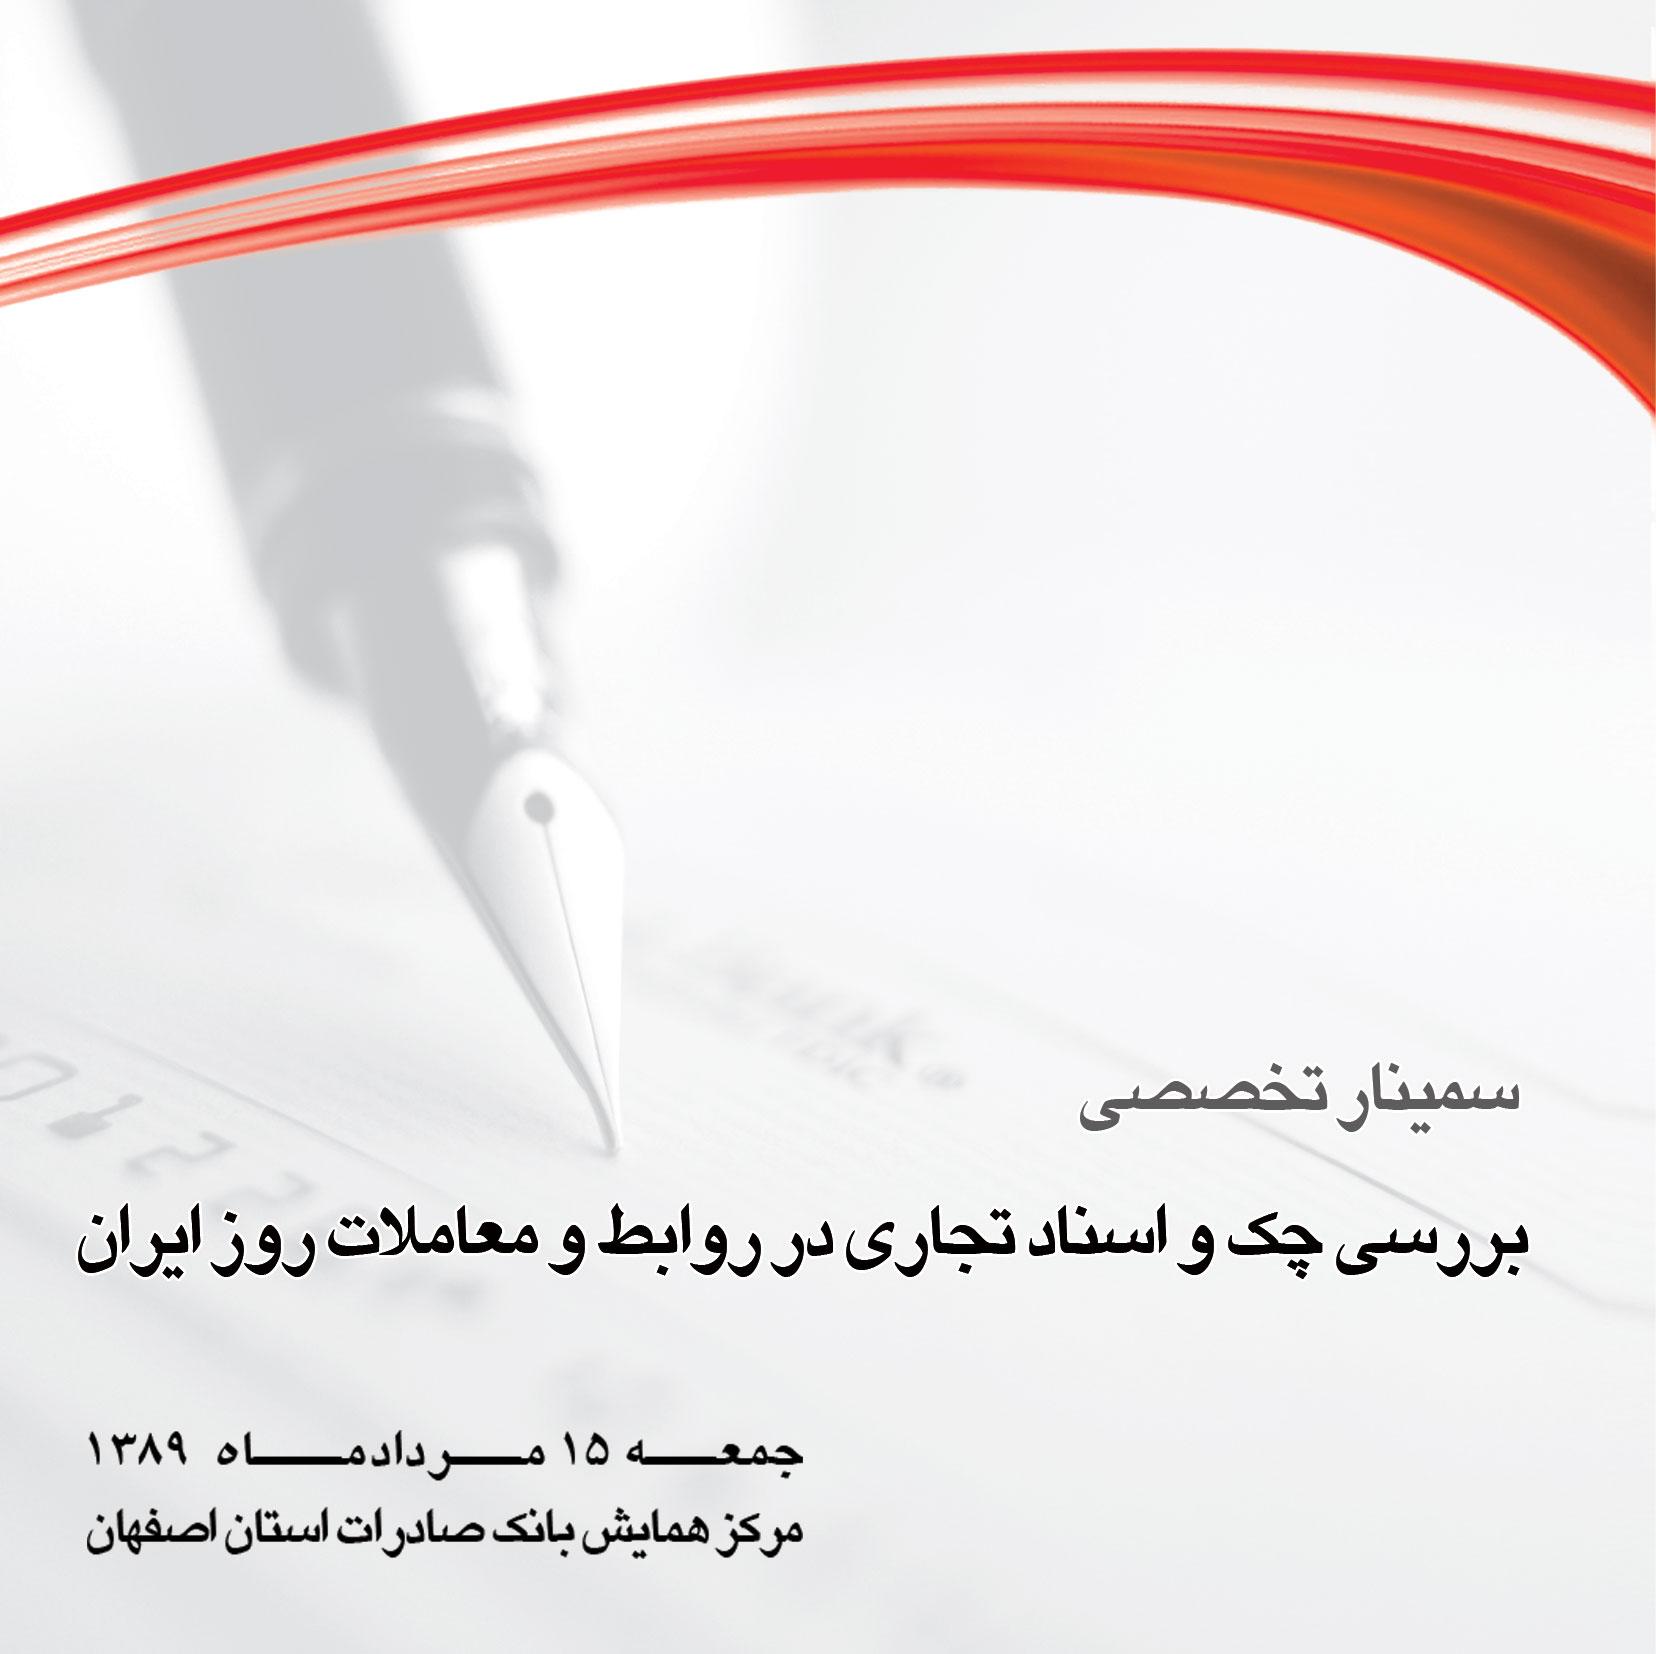 سمینار بررسی چک و اسناد تجاری در روابط و معاملات